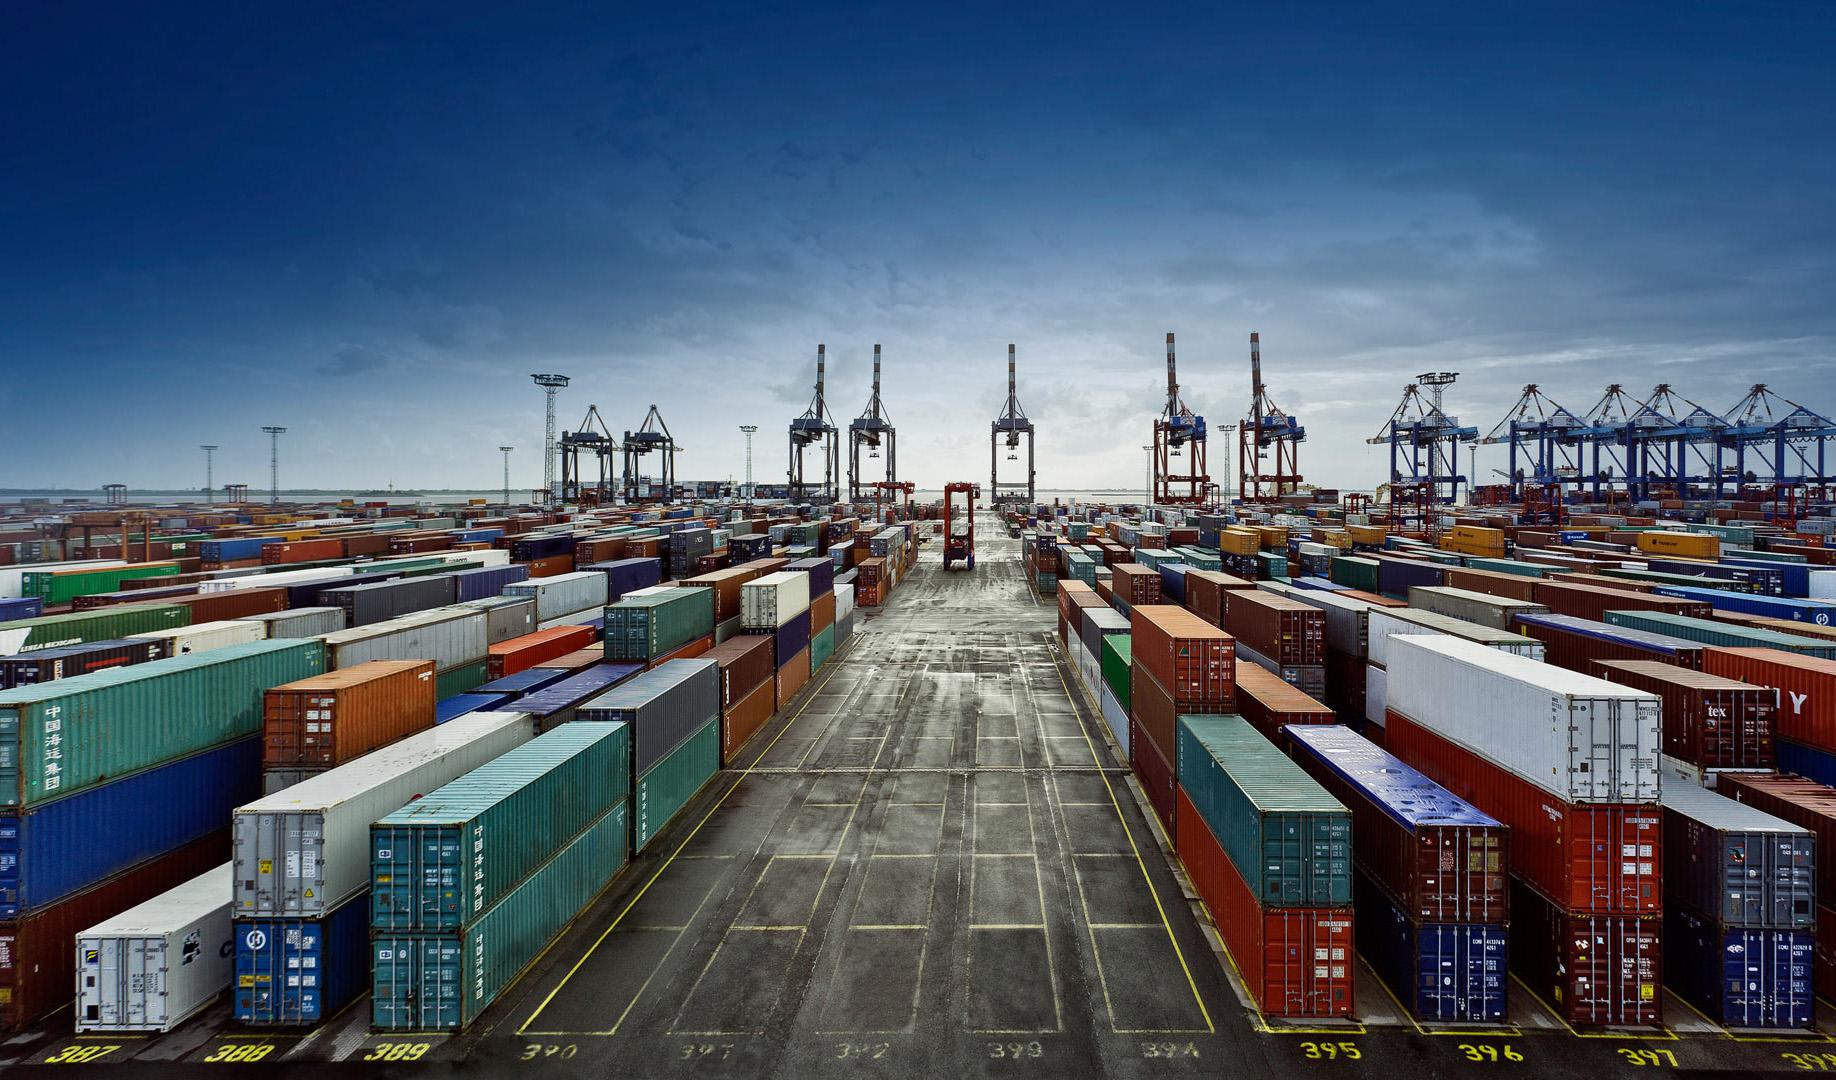 نقشه راه صادرات و واردات منتشر شد